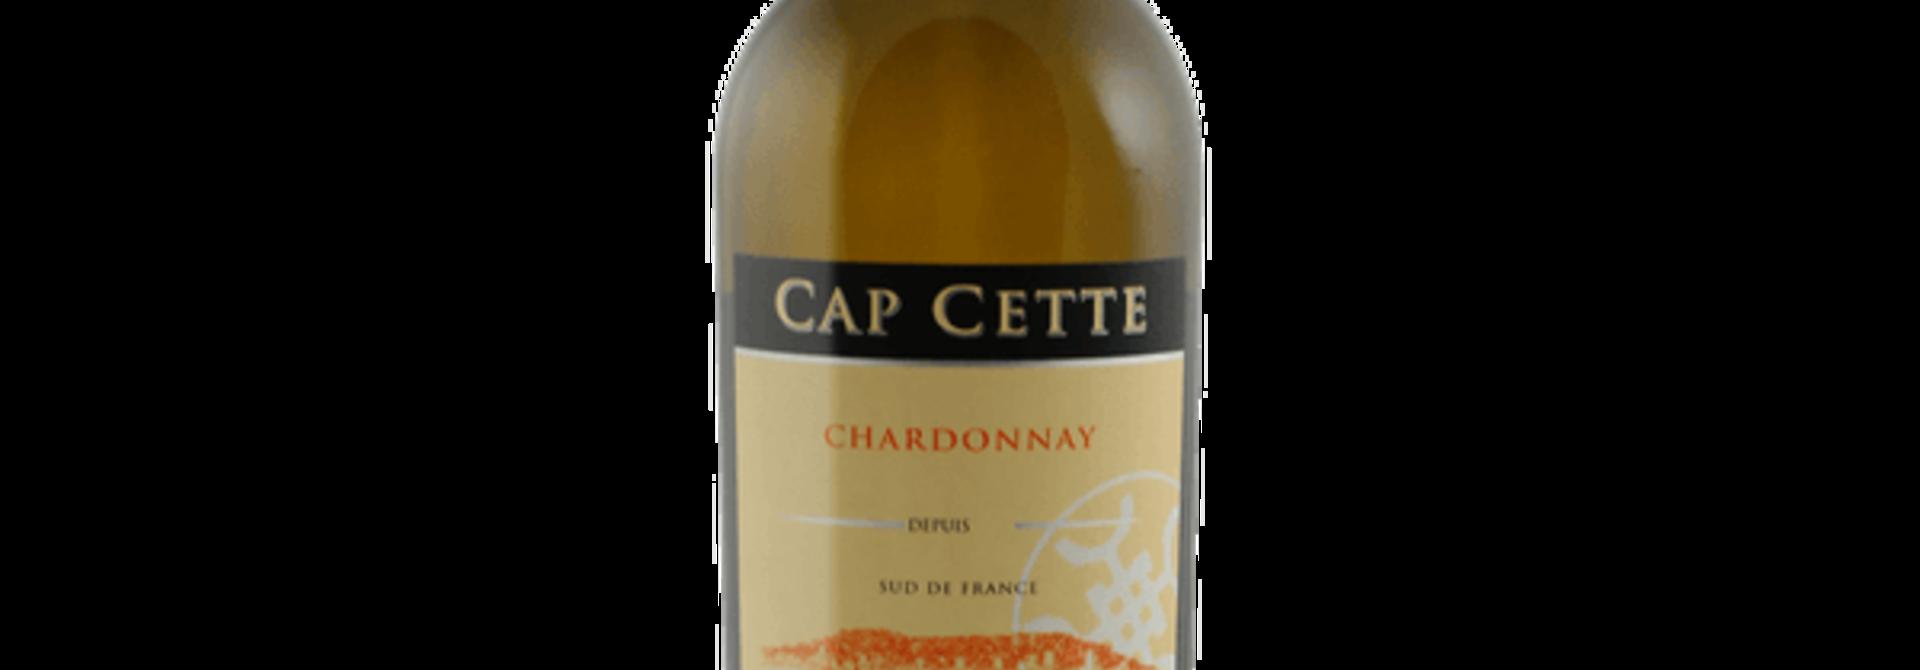 Les Costieres de Pomerol, Chardonnay 'Cap Cette' 2018